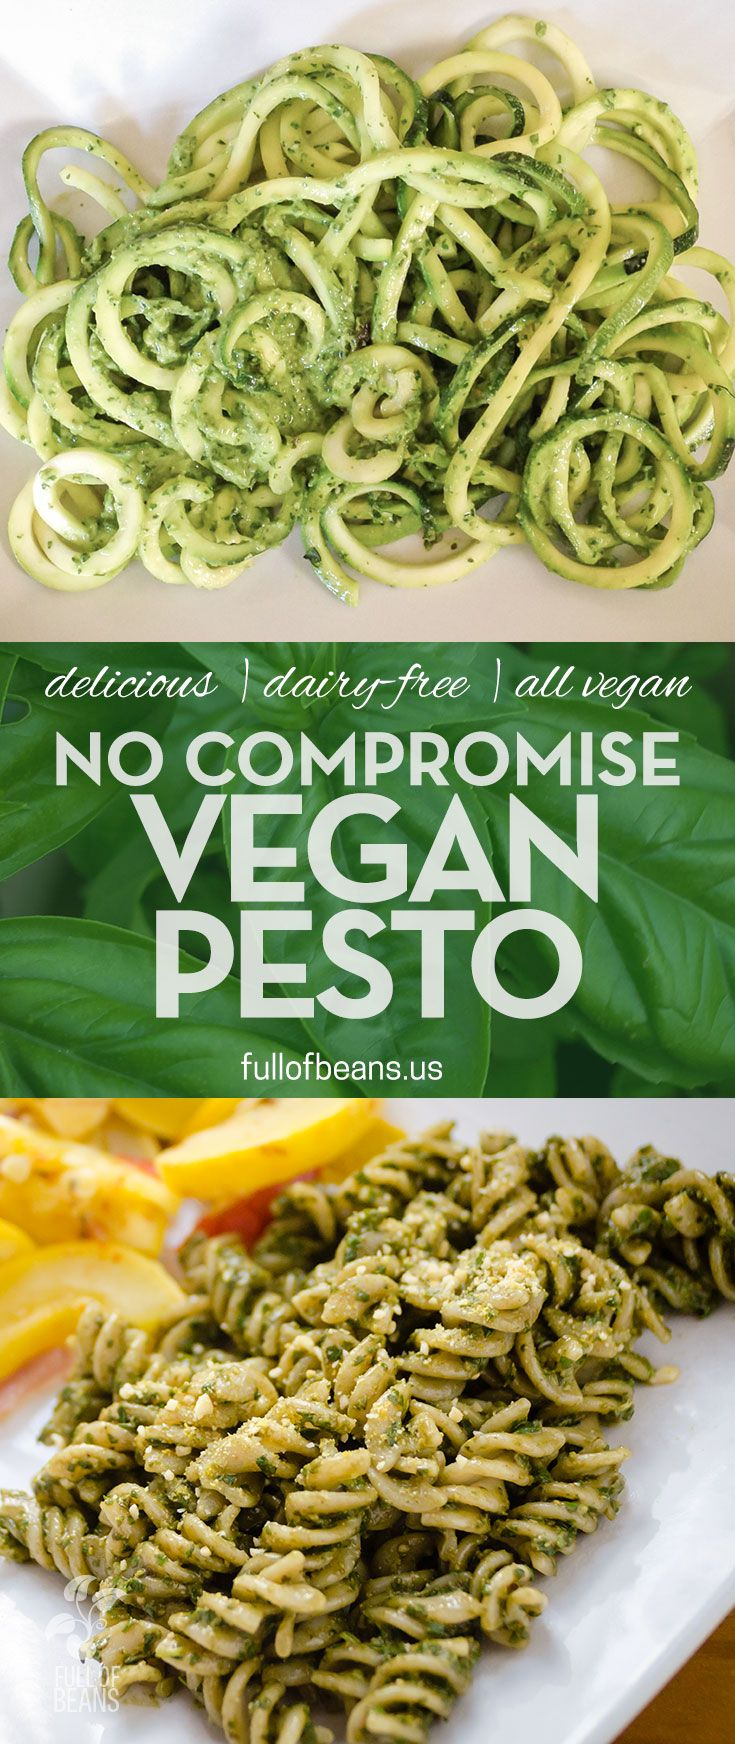 No Compromise Vegan Pesto Recipe Vegan pesto, Vegan